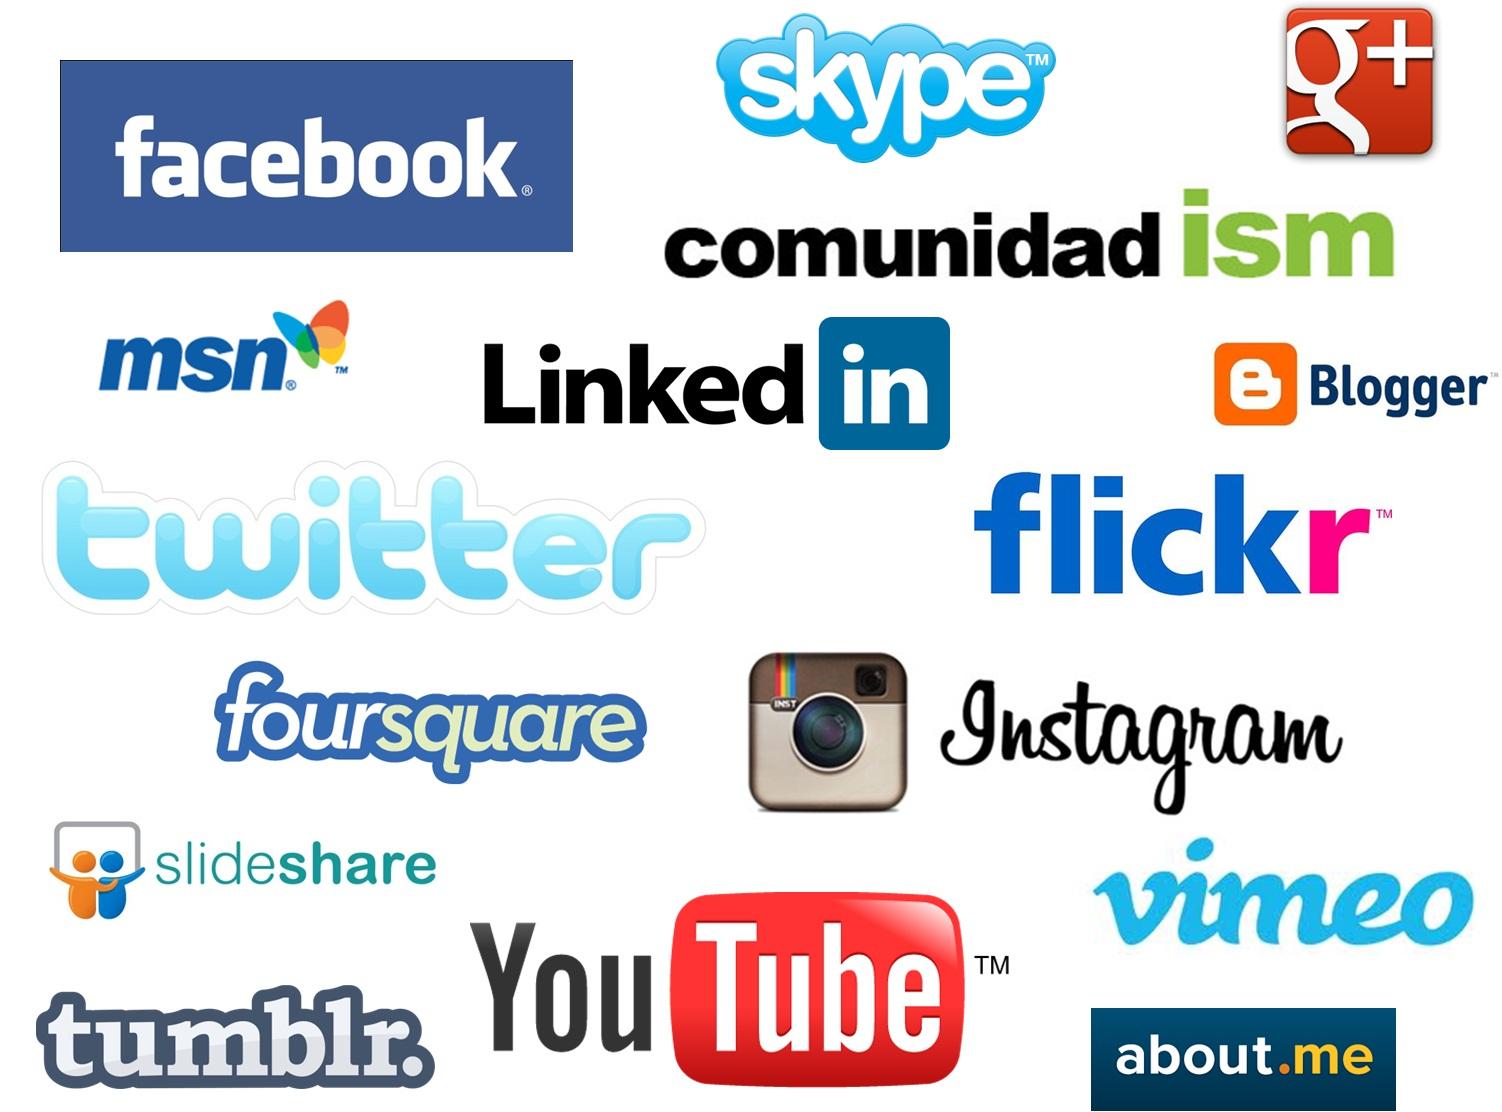 Egipto pretende vigilar redes sociales para reprimir oposición